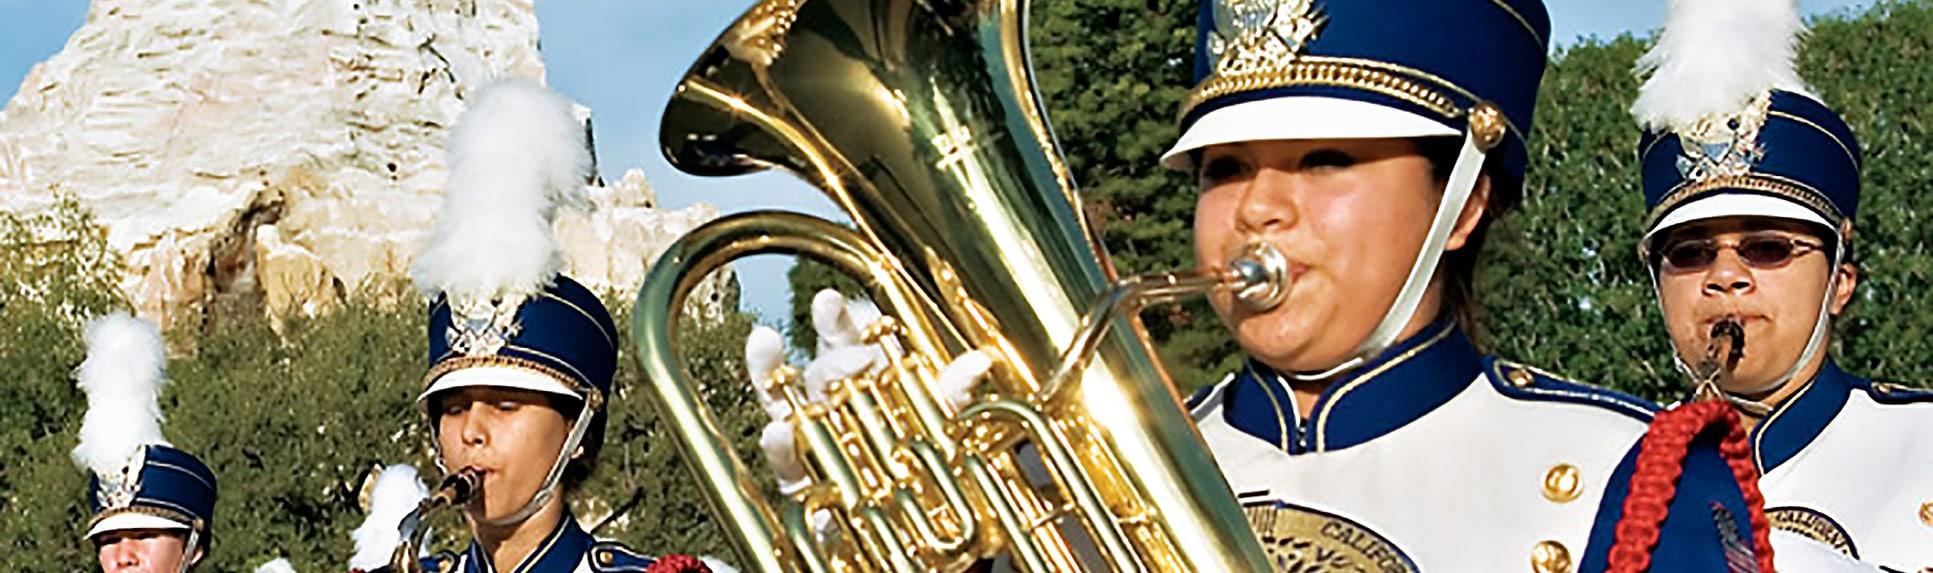 A band playing brass instruments near Matterhorn mountain at Disneyland Park